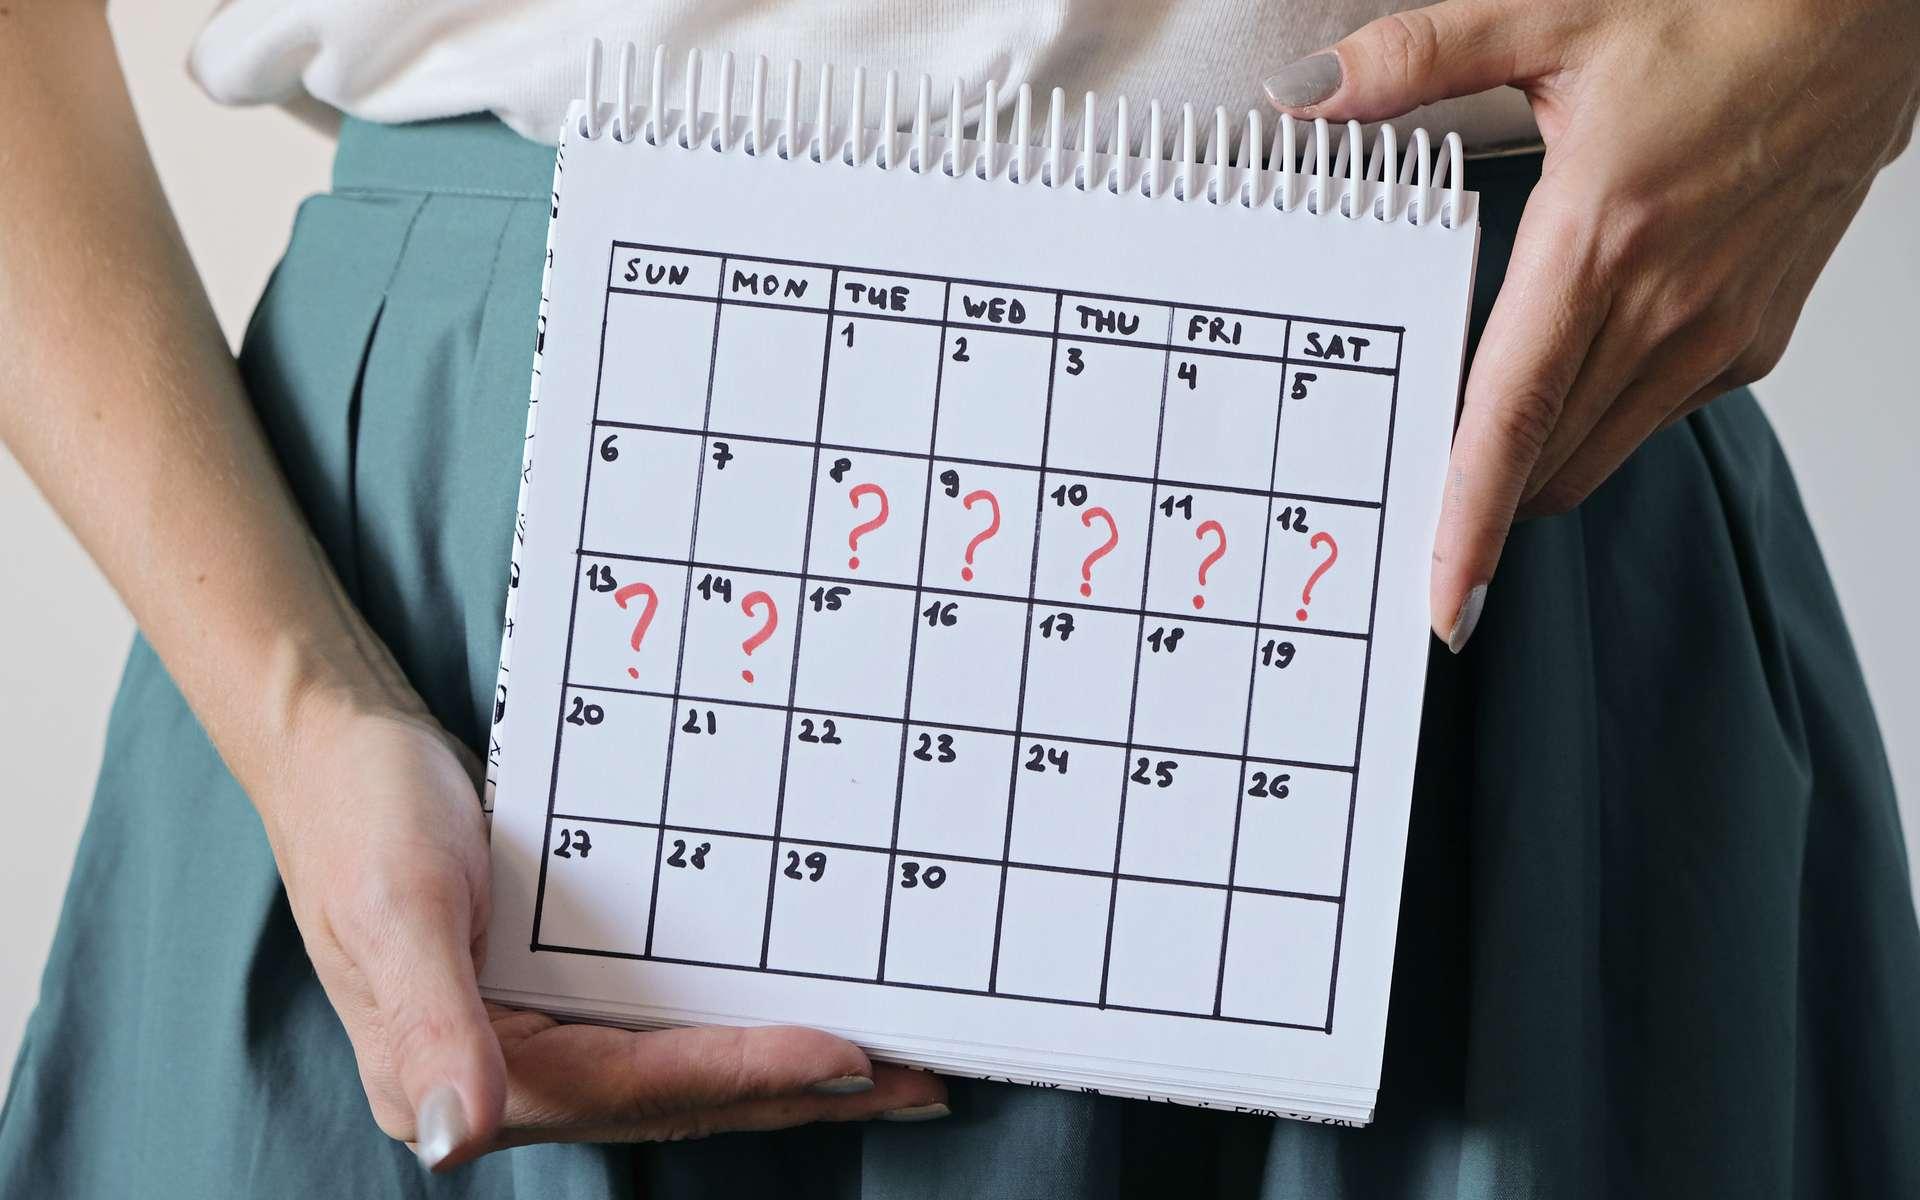 Les femmes qui ont un cycle menstruel irrégulier et plus long que la moyenne serait plus à risque de mourir prématurément (avant 70 ans). © natus111, Adobe Stock